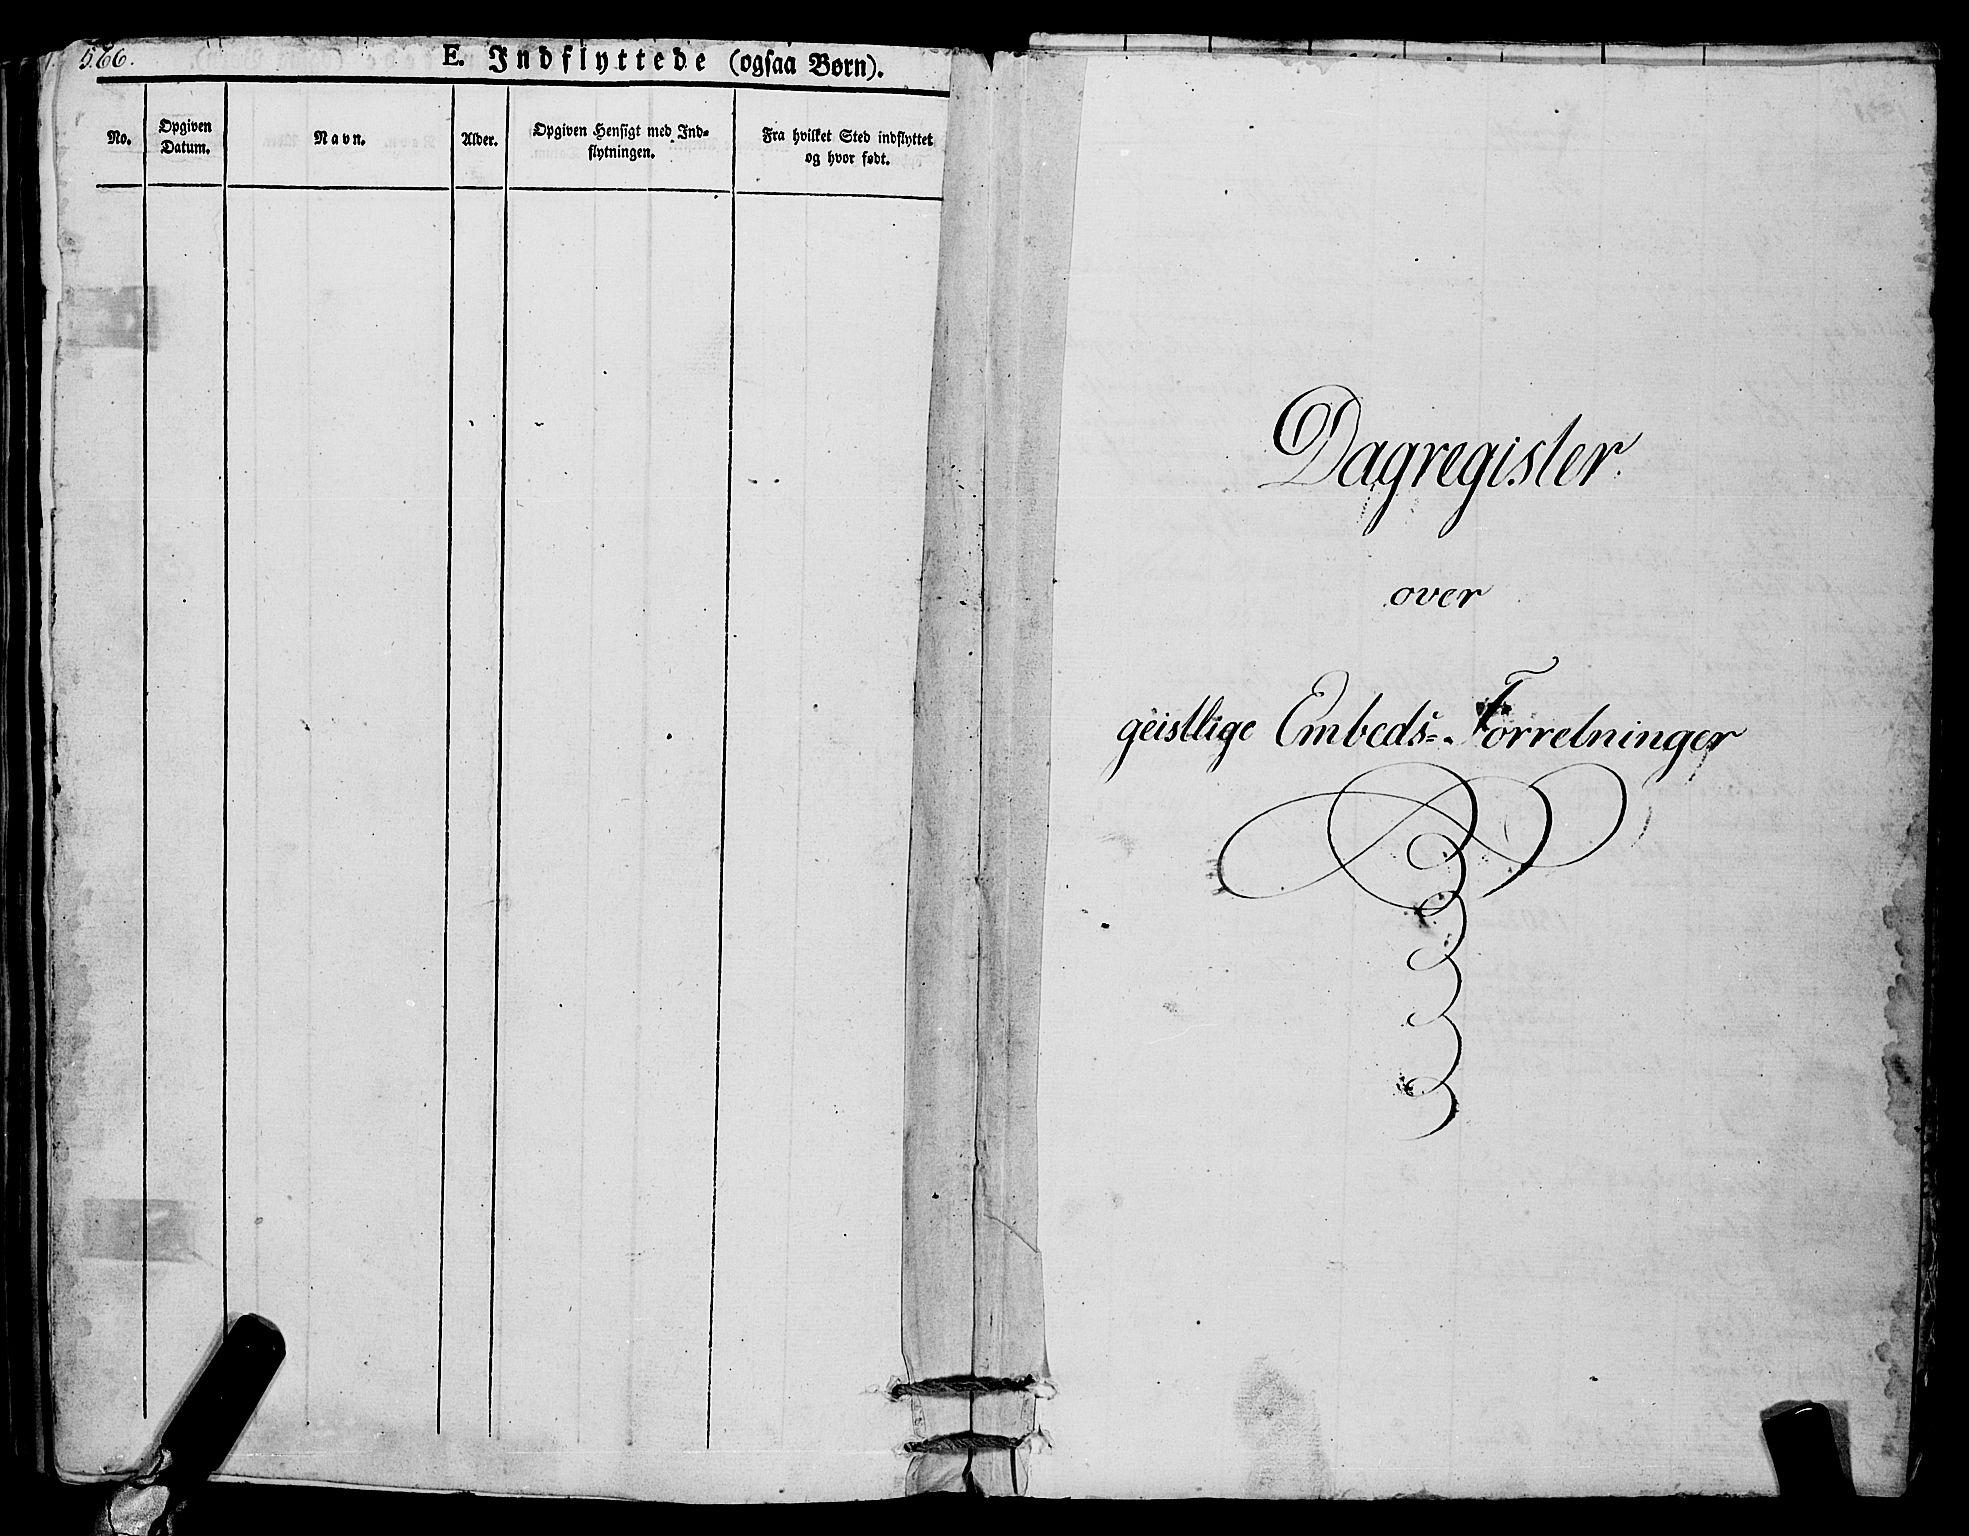 SAT, Ministerialprotokoller, klokkerbøker og fødselsregistre - Nord-Trøndelag, 773/L0614: Ministerialbok nr. 773A05, 1831-1856, s. 566